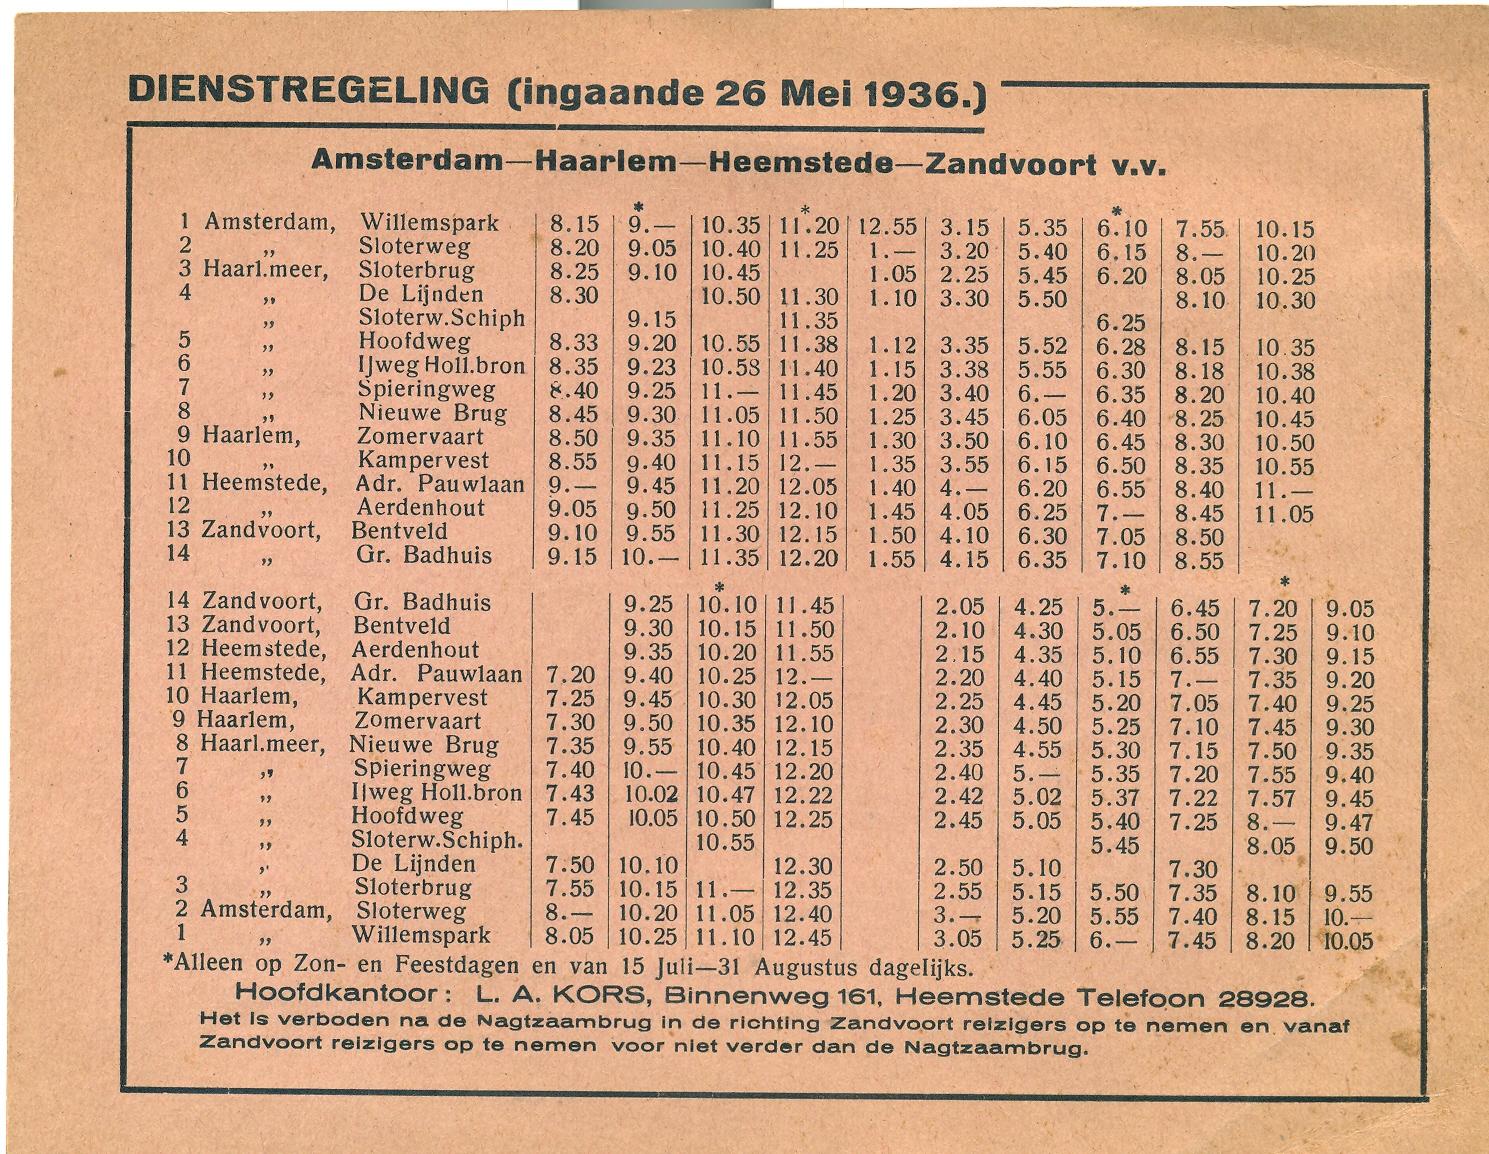 dienstregeling-a-dam-zandvoort-1936